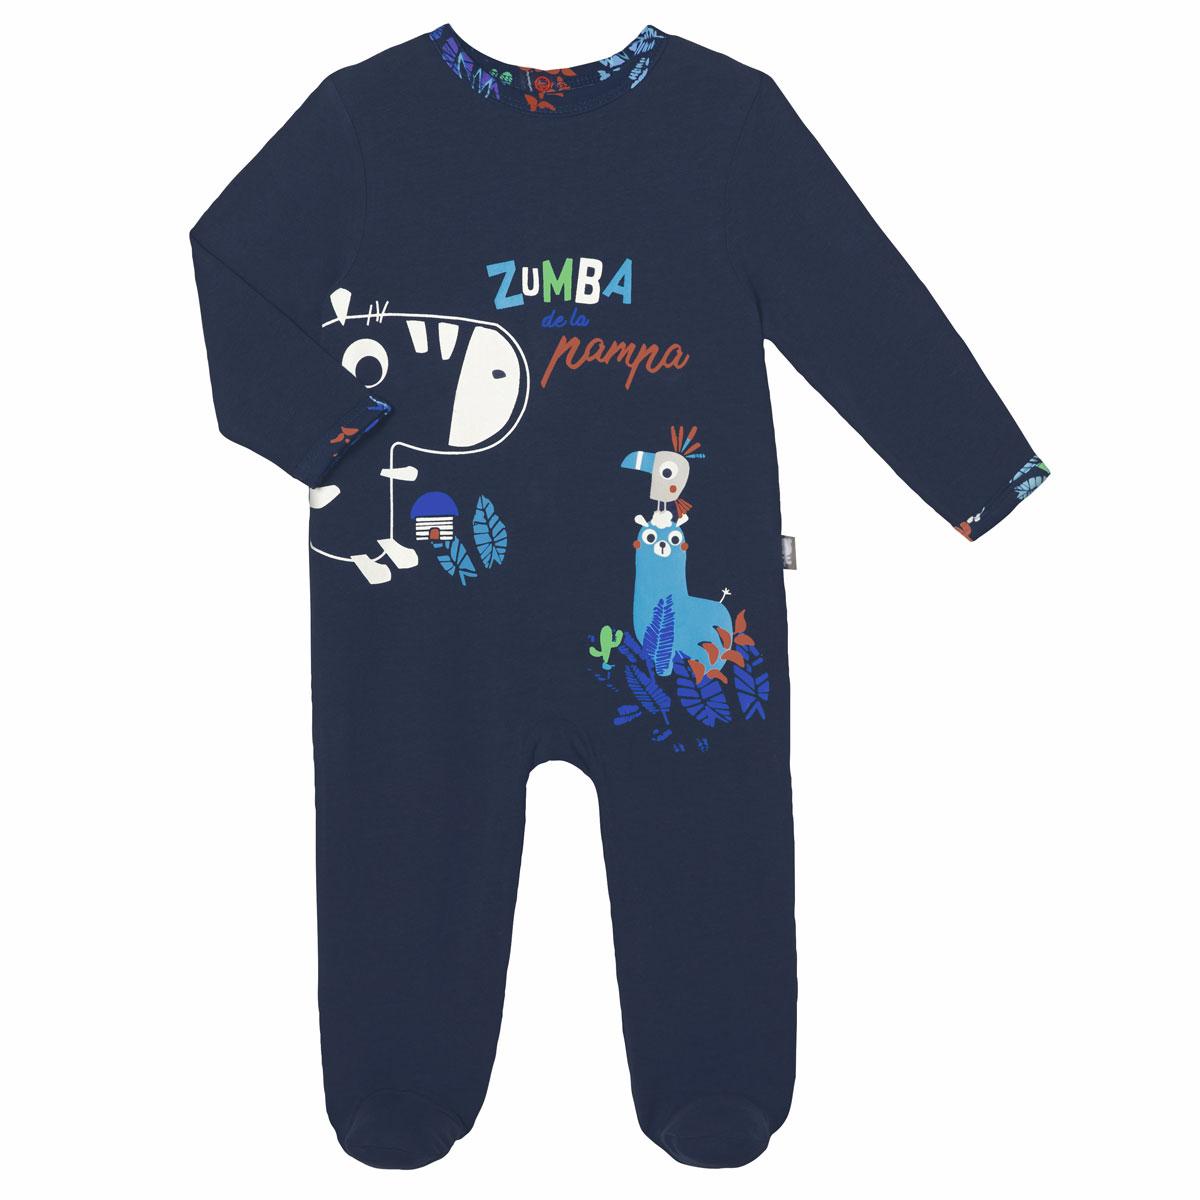 Pyjama bébé Zumba Pampa